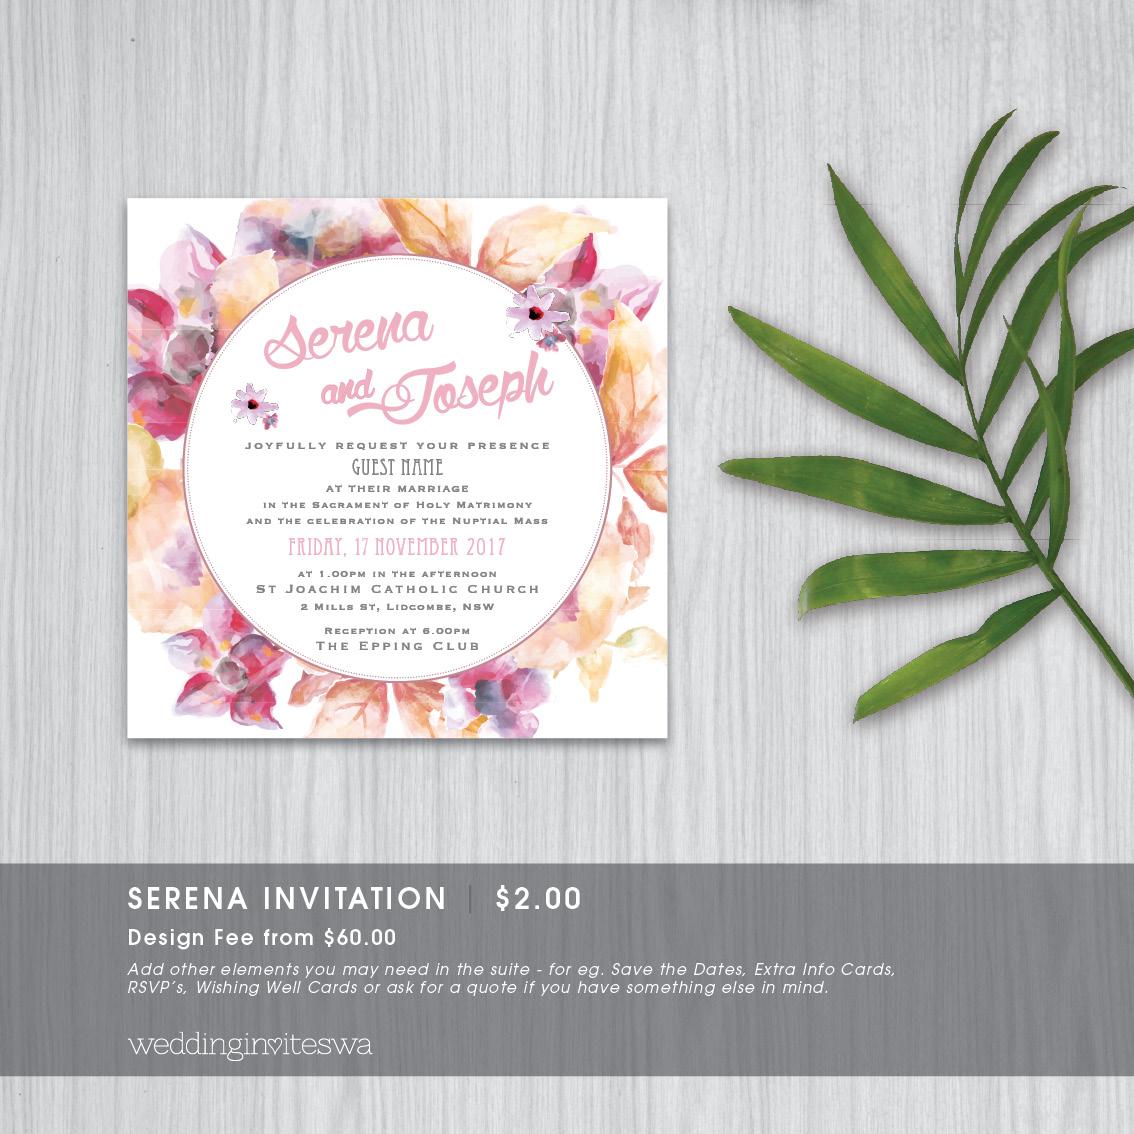 SERENA_invite